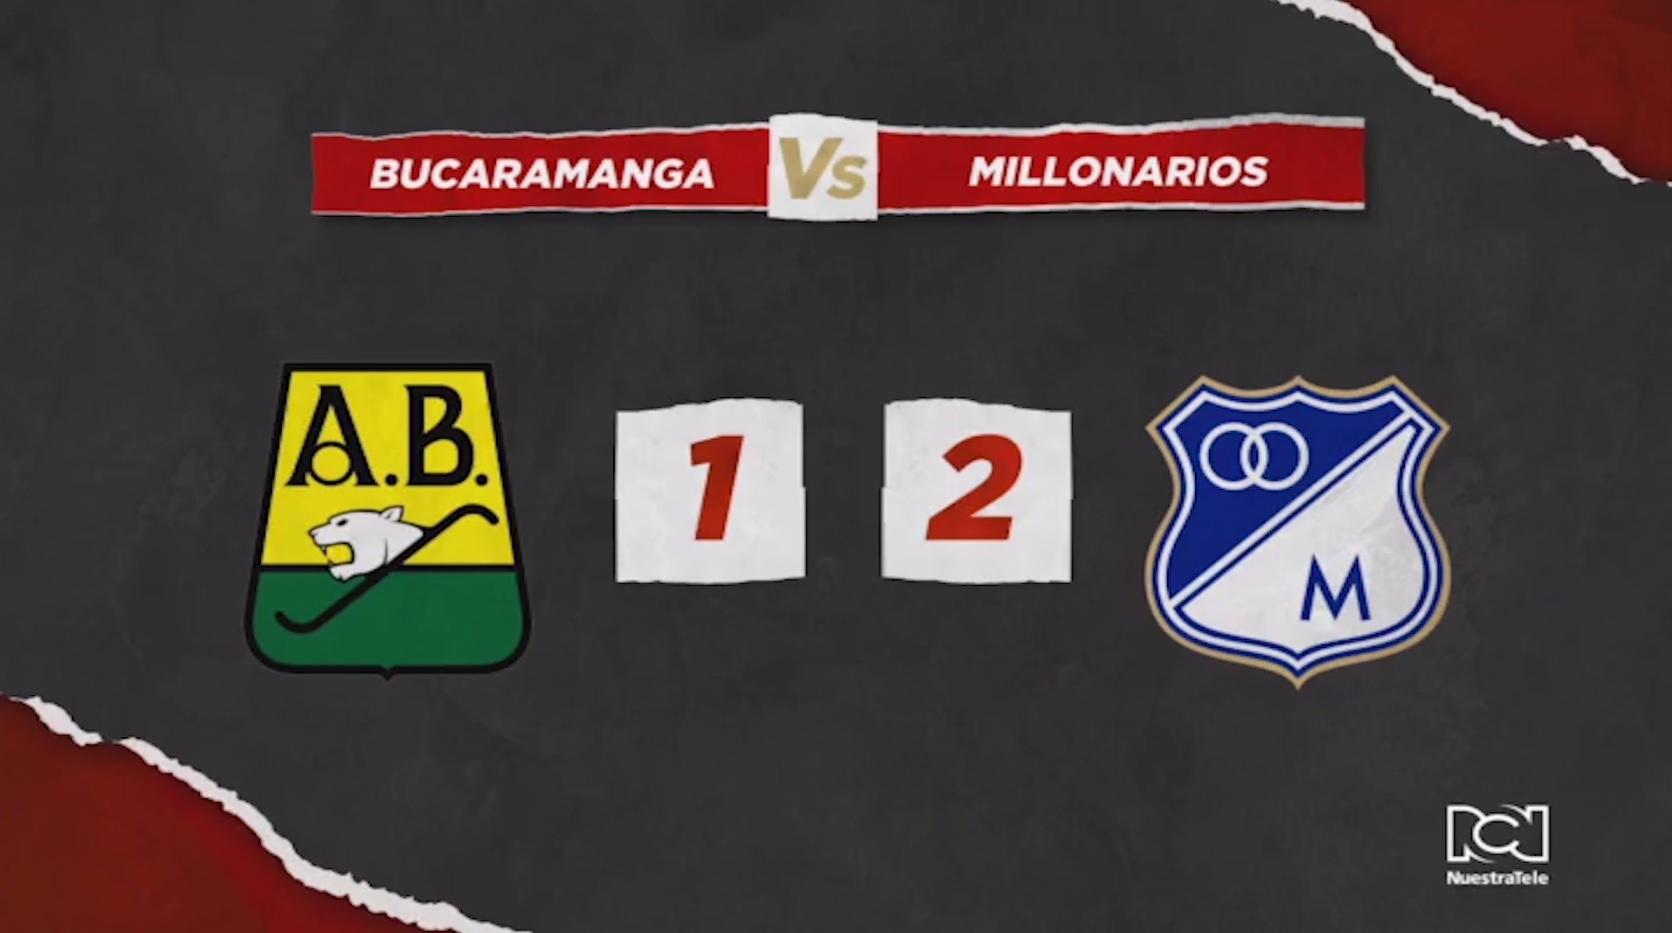 Millonarios Vs Bucaramanga